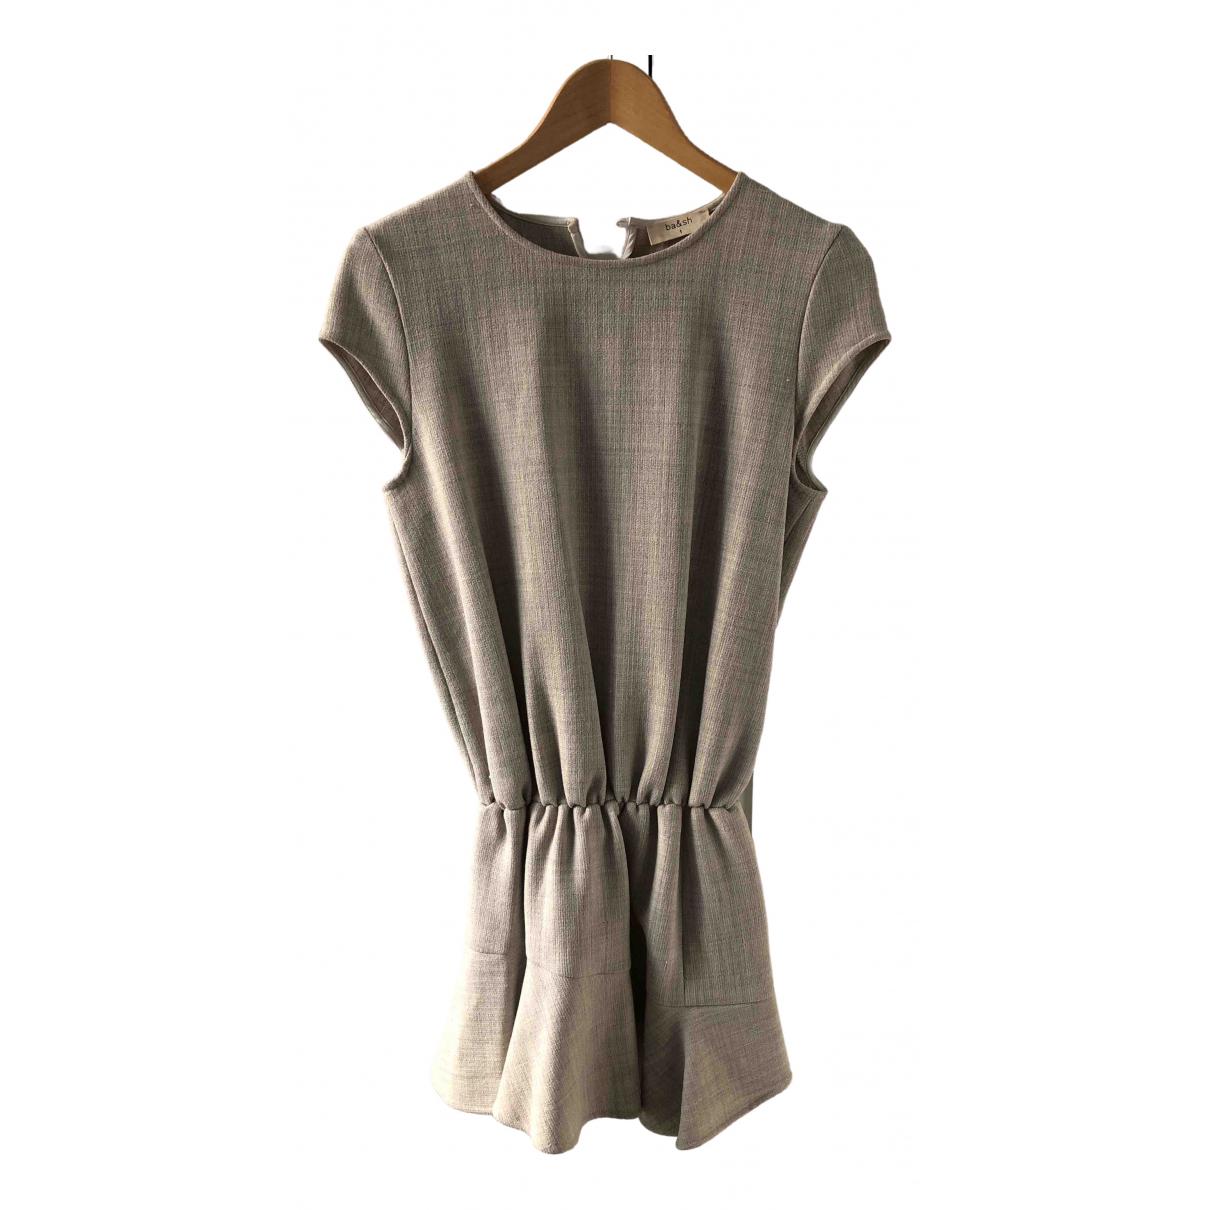 Ba&sh \N Kleid in  Grau Wolle